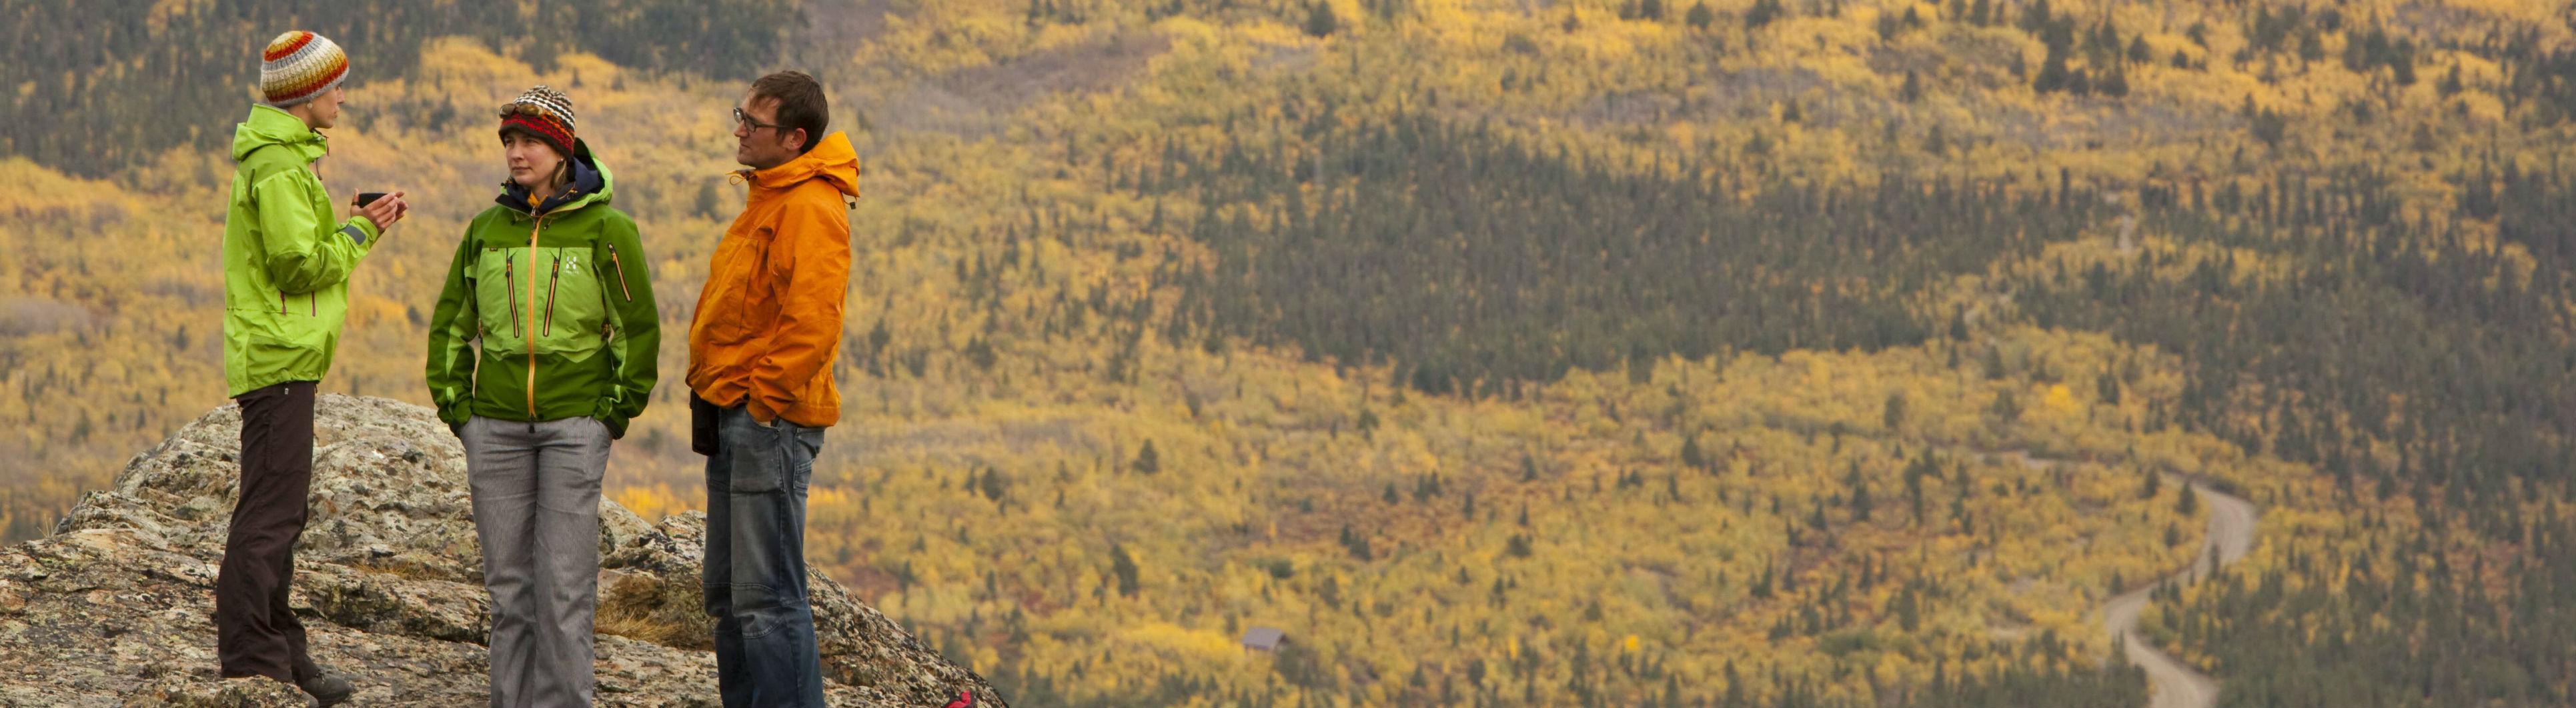 Drei Menschen in Funktionskleidung stehen in einer Berglandschaft und unterhalten sich.